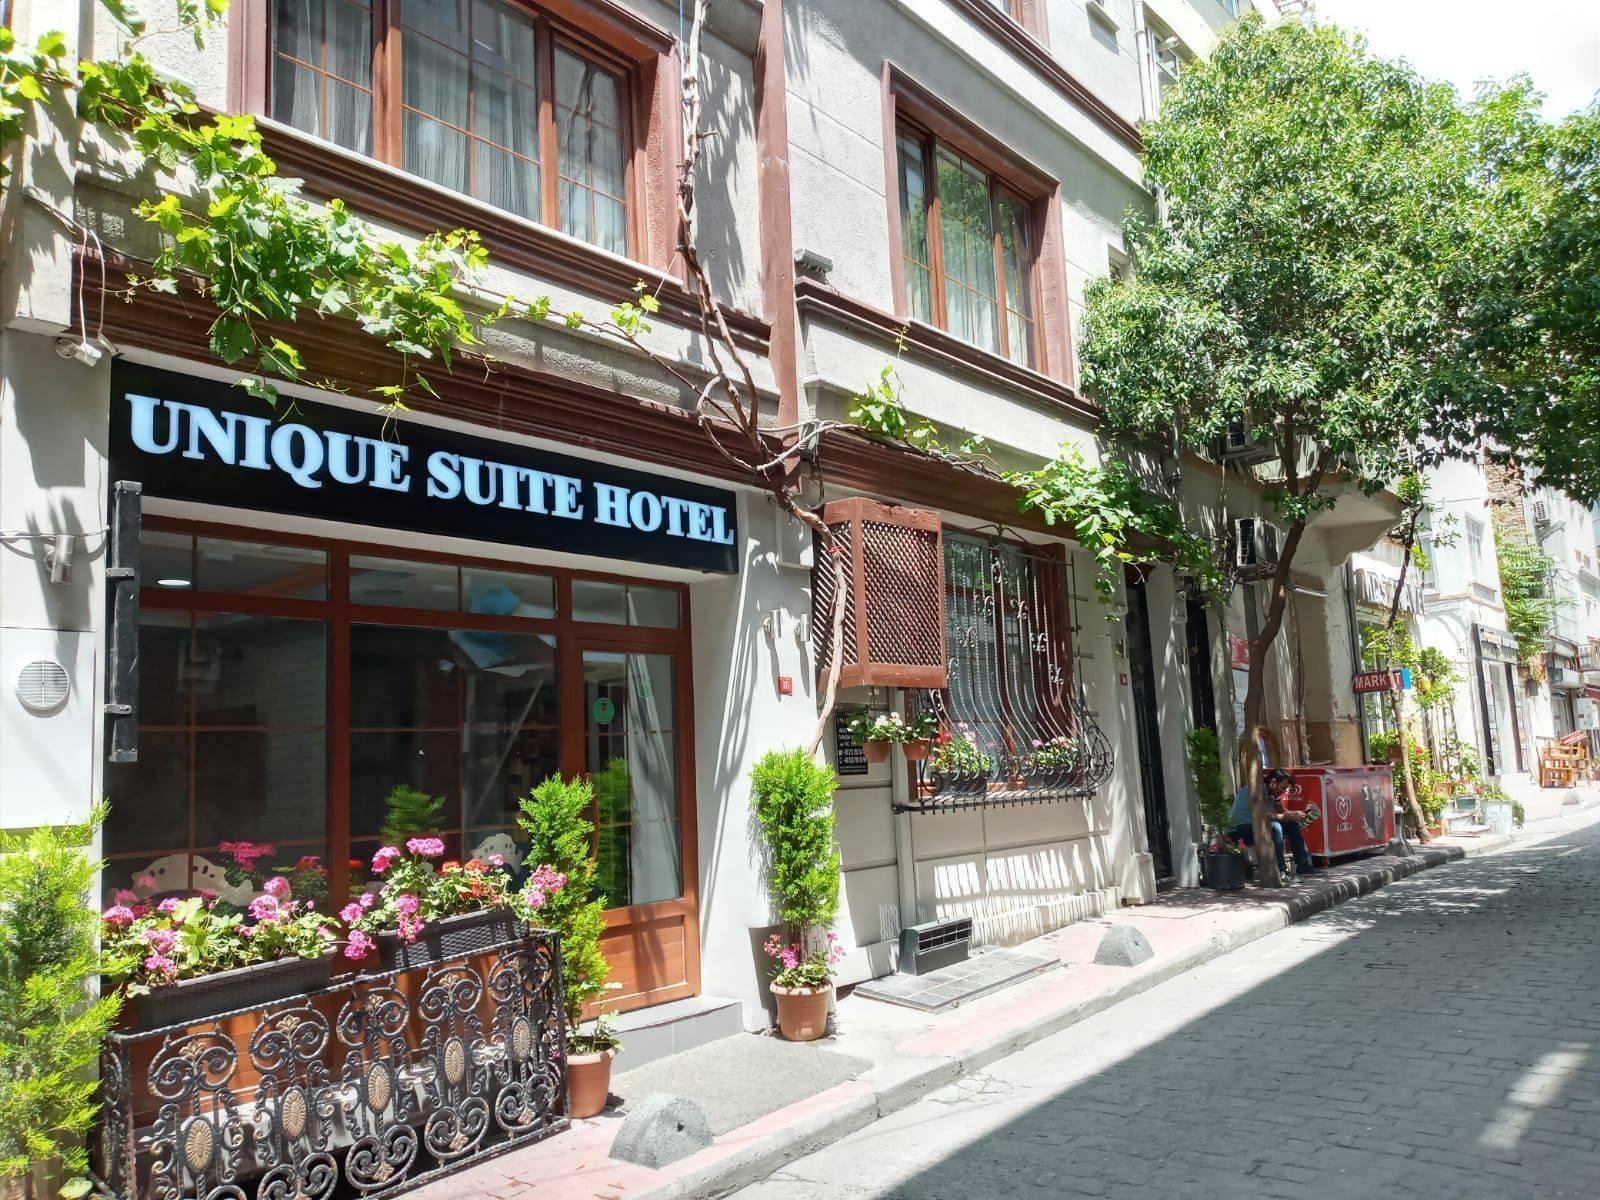 Unique Suite Otel, İstanbul, Beyoğlu, 34478